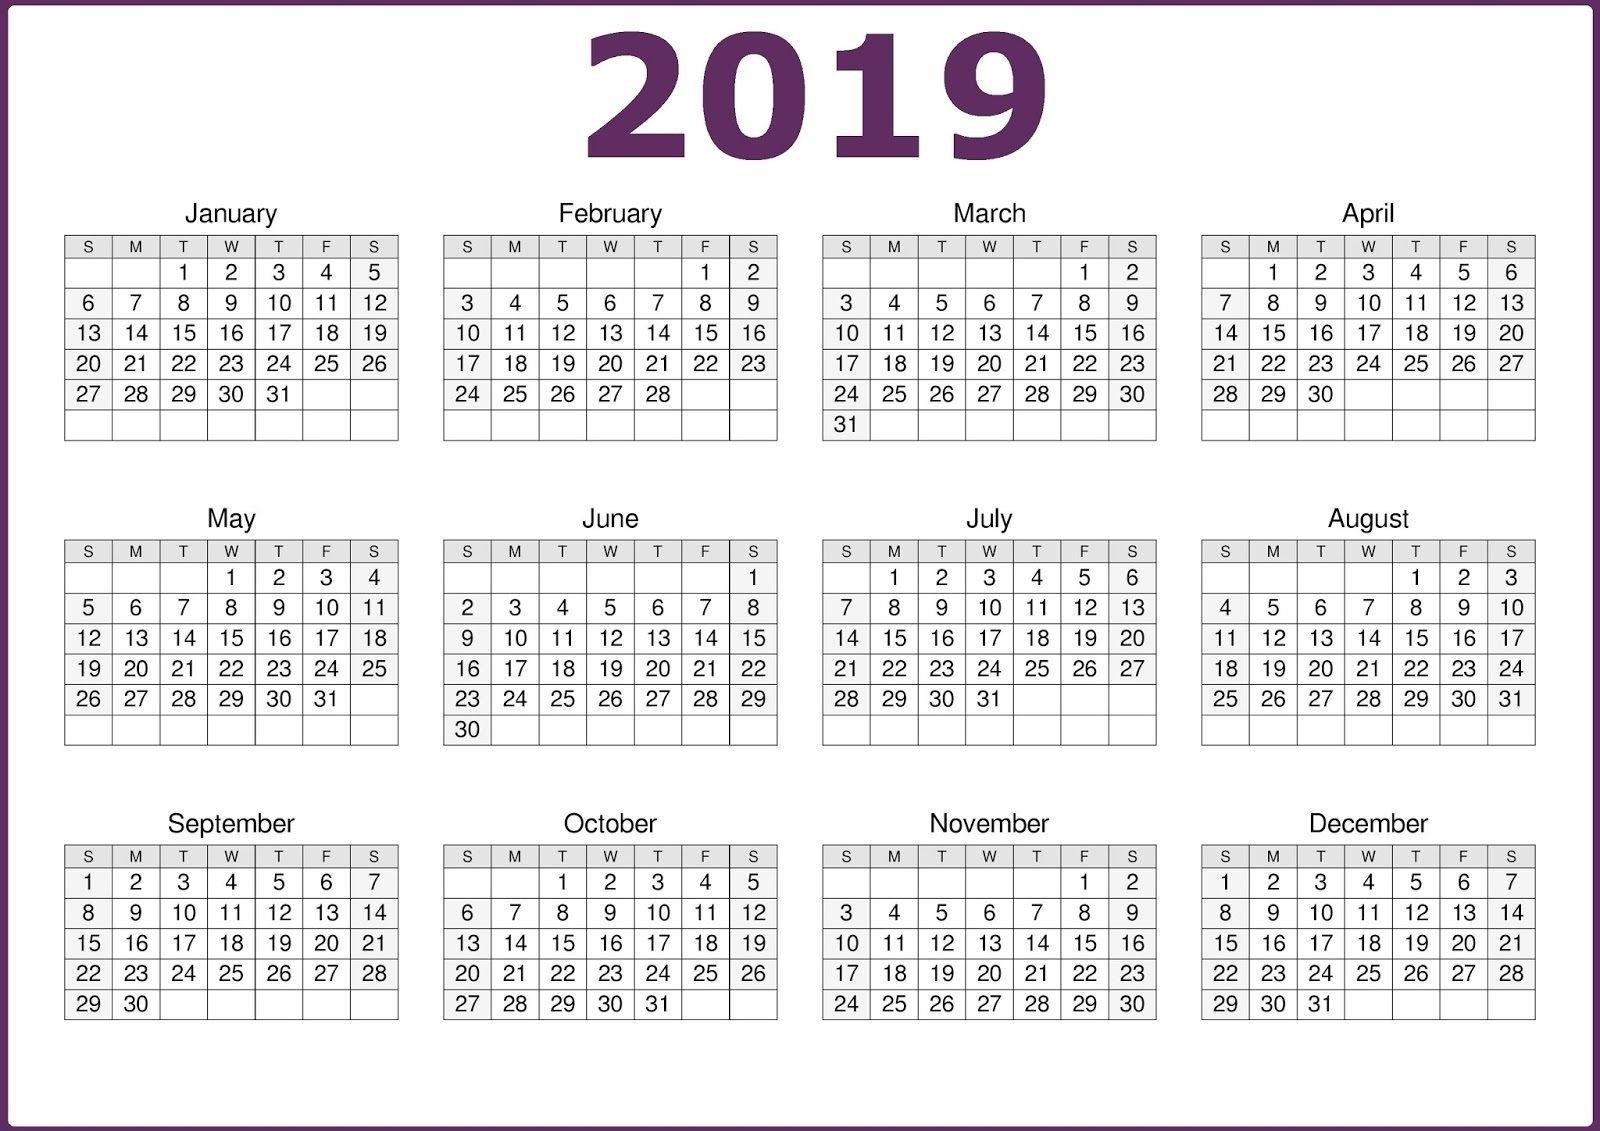 2019 One Page 12 Months Calendar | 2019 Calendars | Pinterest Calendar 2019 12 Months